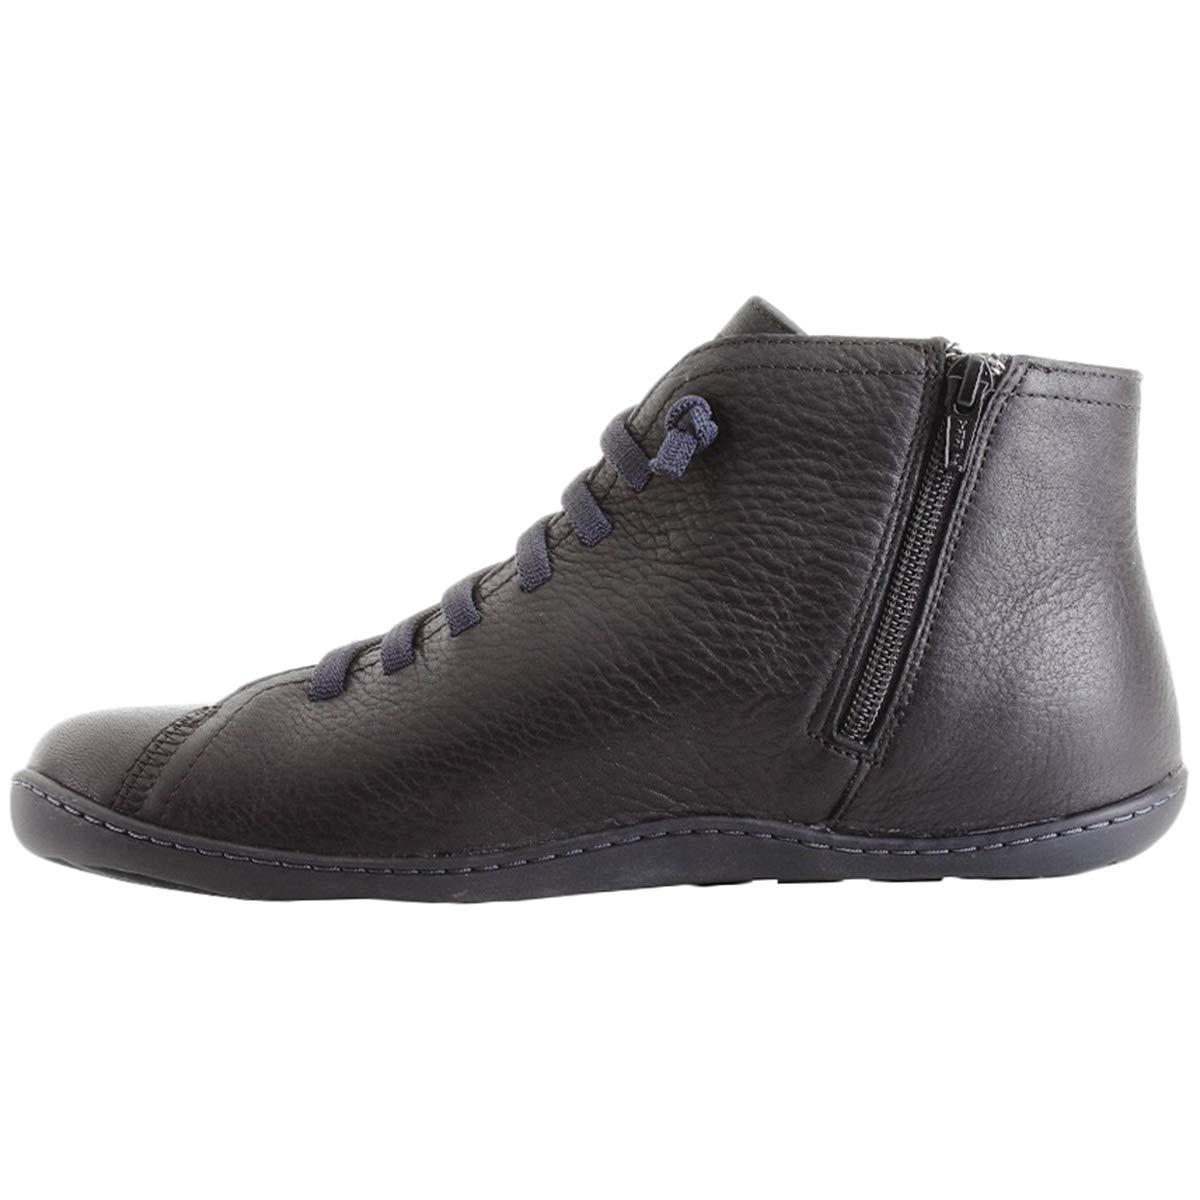 CAMPER Mens Peu Cami Blau Black Derby-Schuhe Black Blau 895f0e